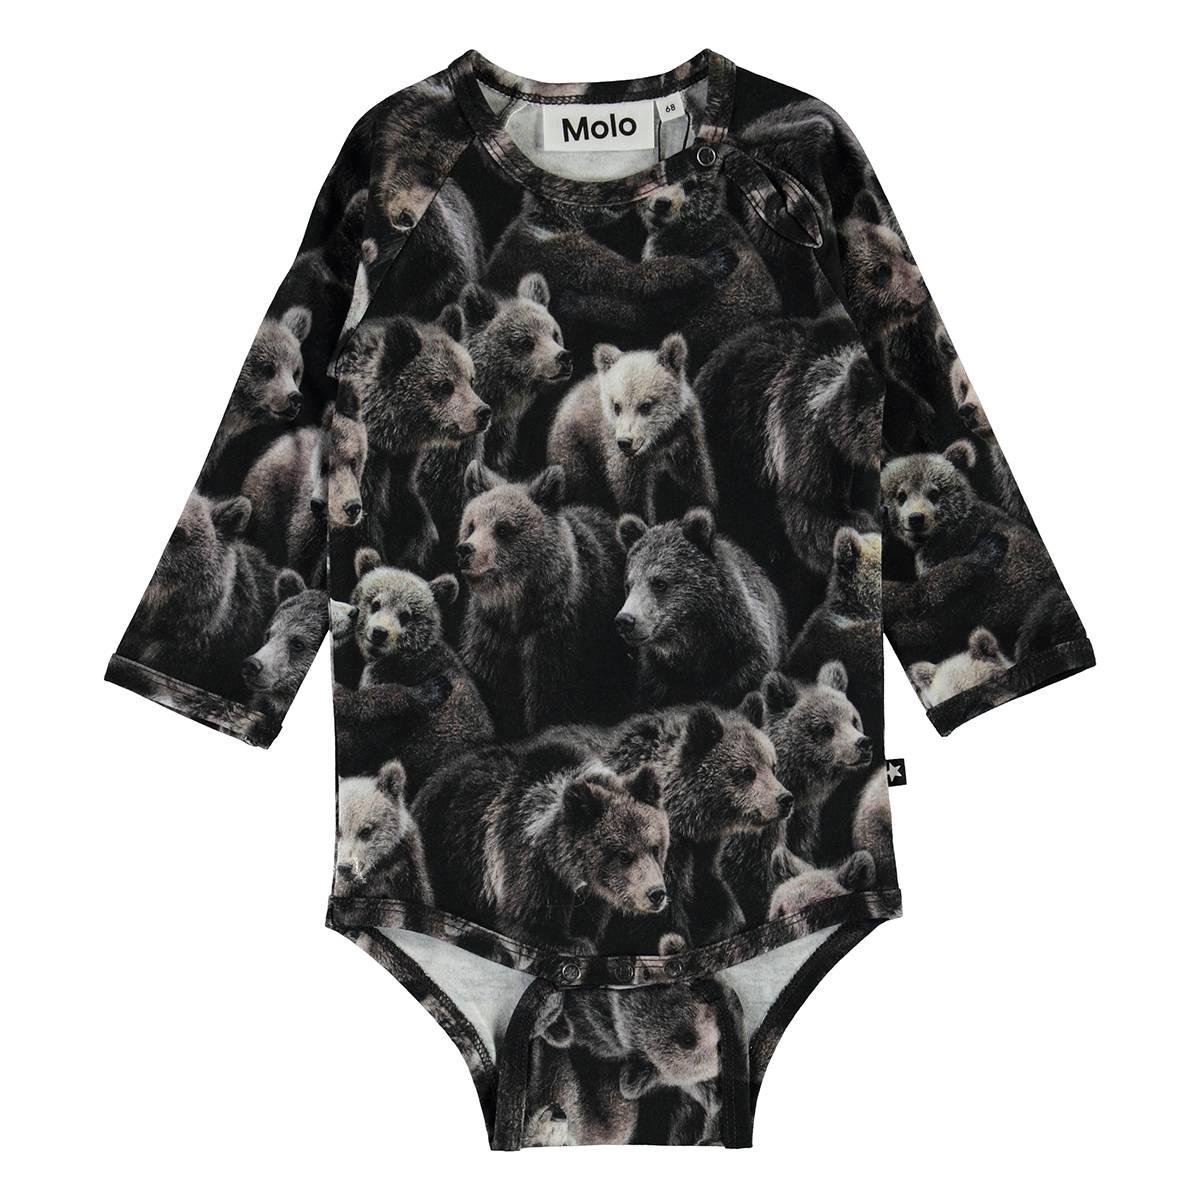 Molo Field Body - bears